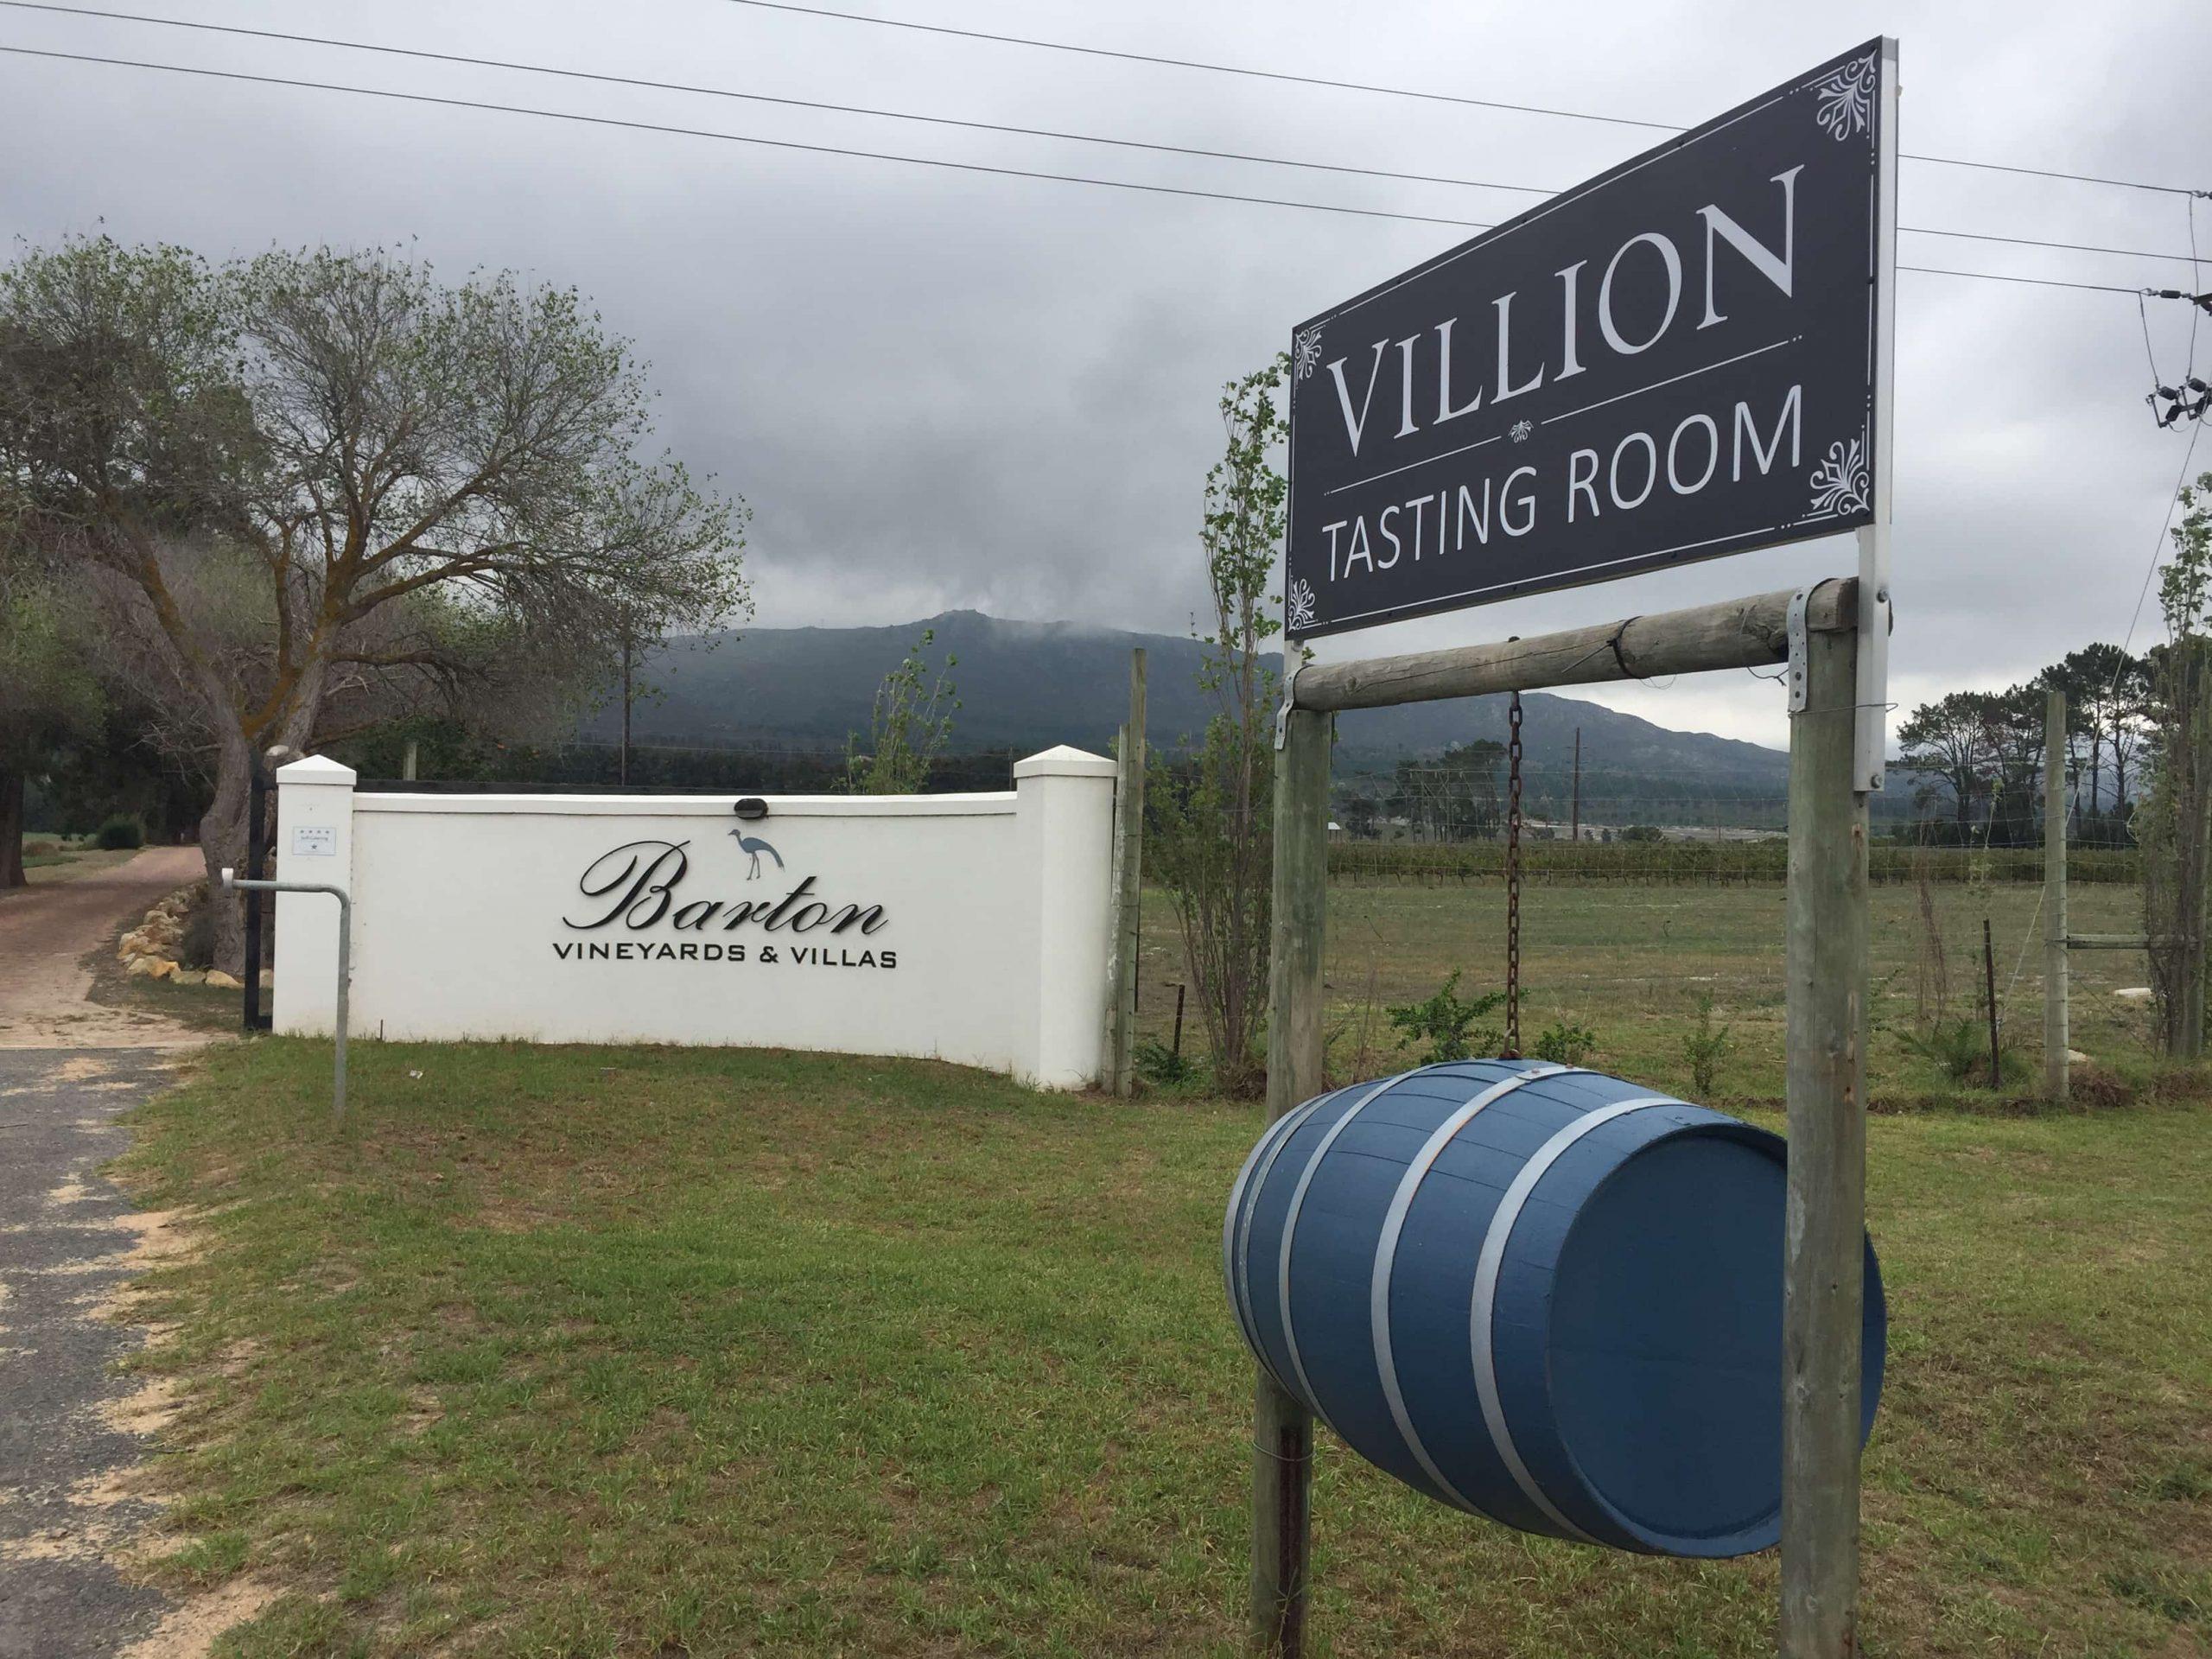 Villion Barton